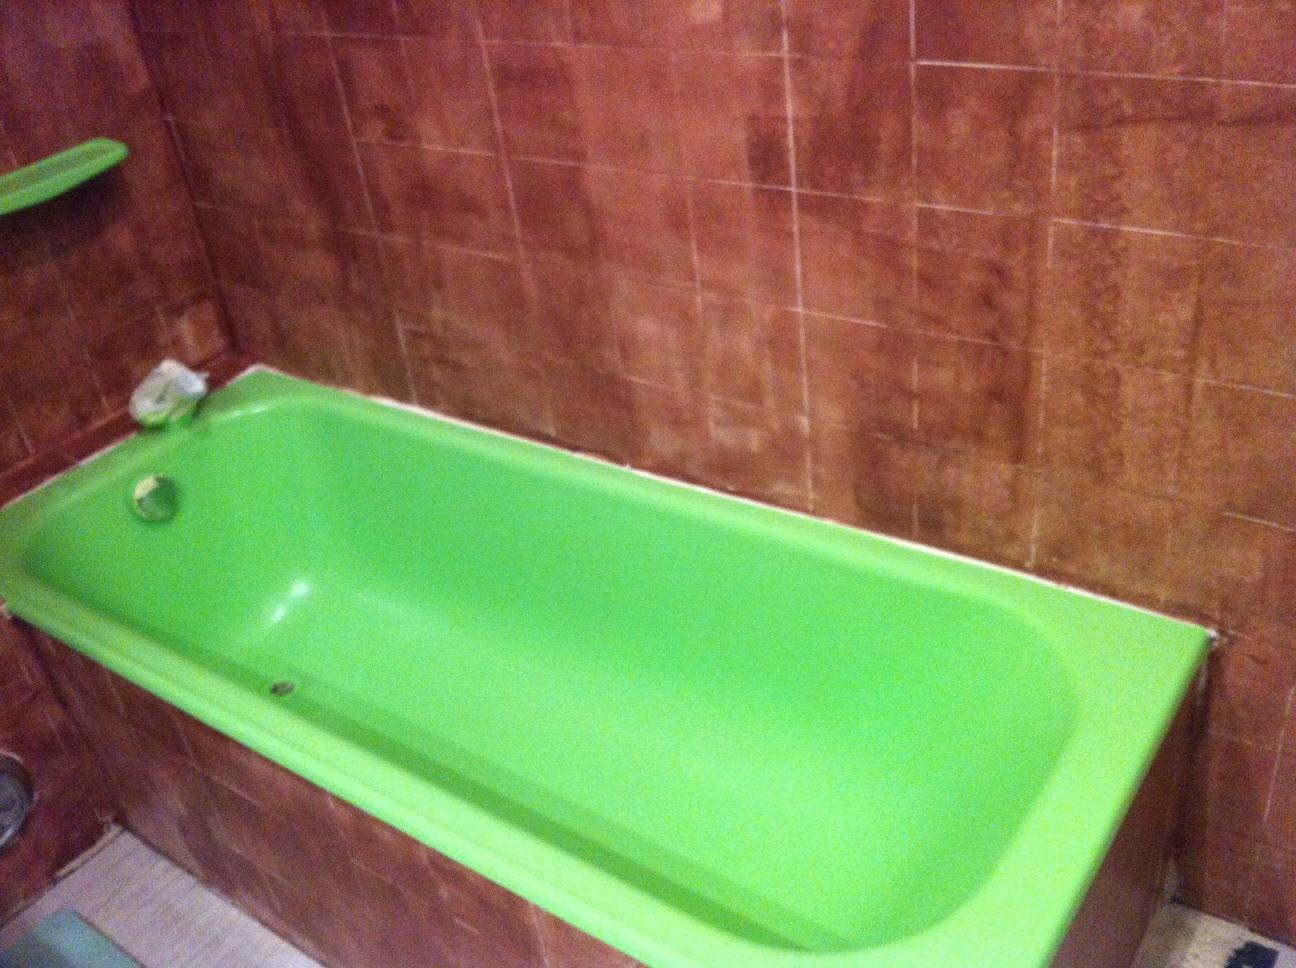 baignoire ouvrante with baignoire ouvrante interesting baignoire poser en acrylique porte pour. Black Bedroom Furniture Sets. Home Design Ideas